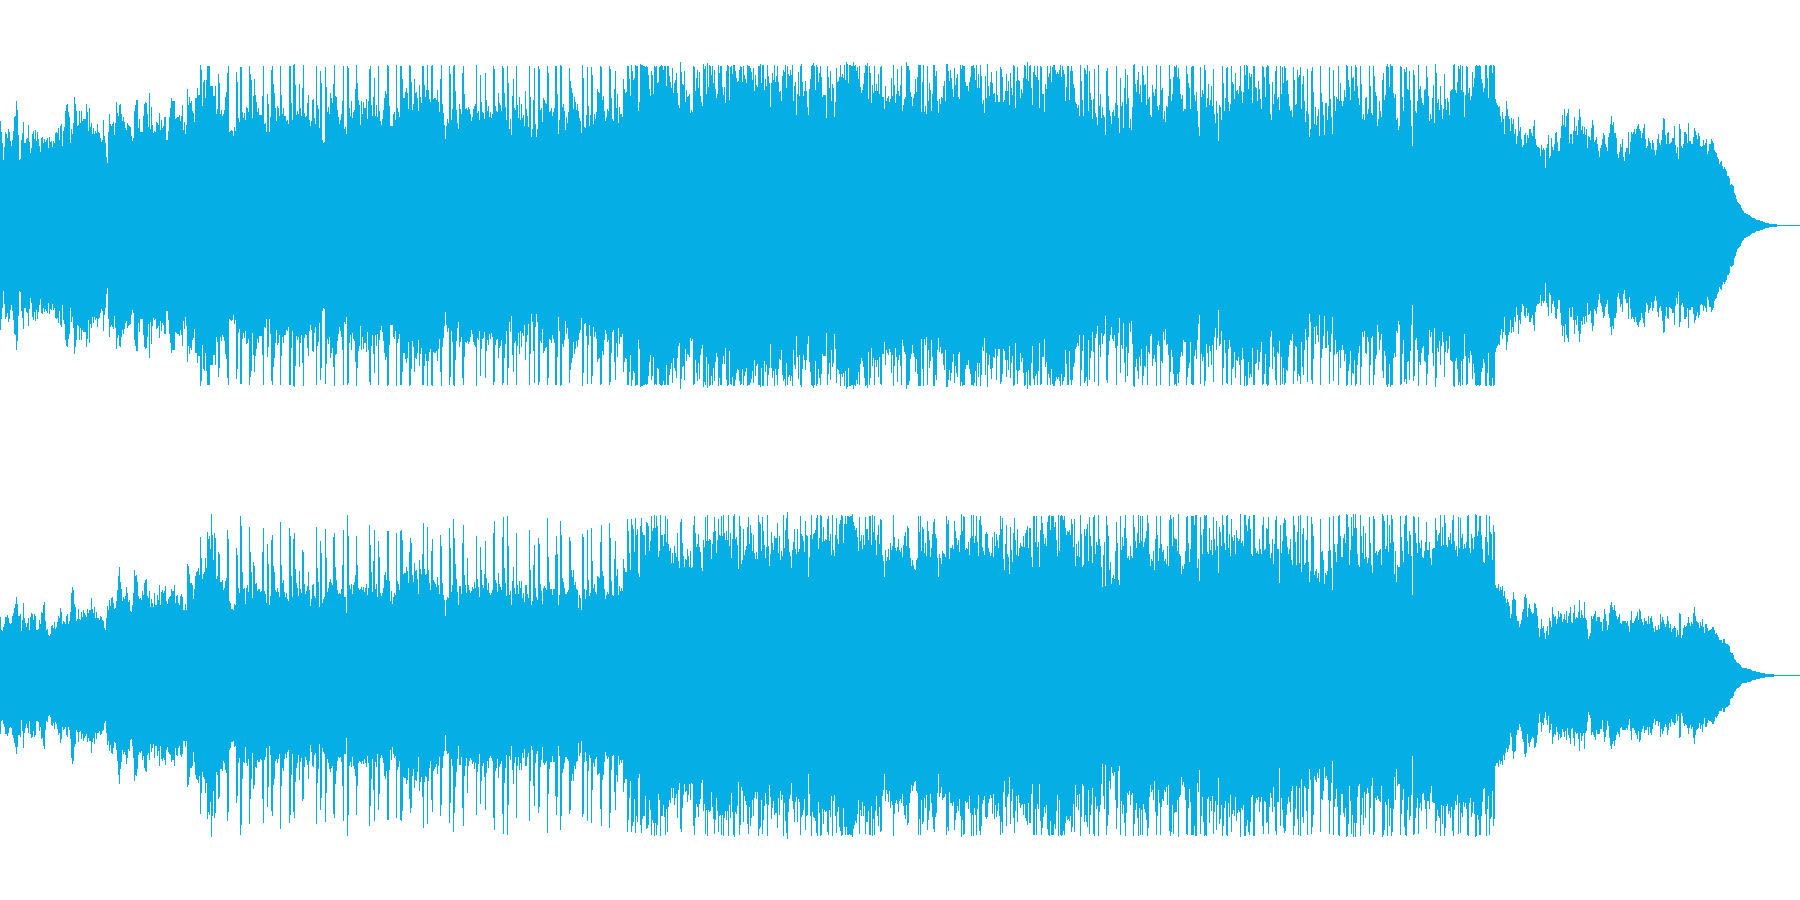 ゆったり爽やかギタードラムサウンドの再生済みの波形